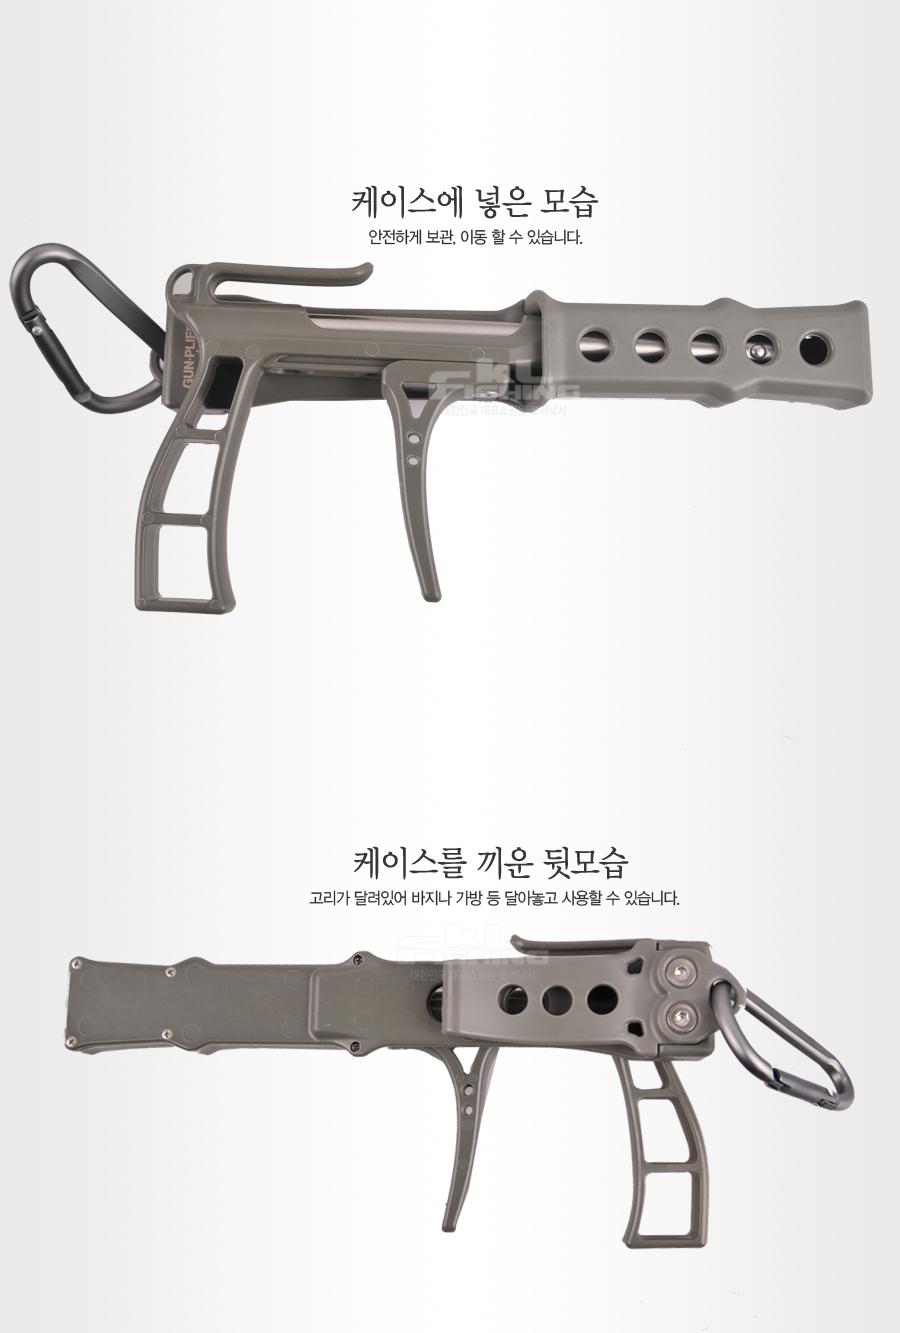 GUN-PLIERS+HOLSTER 바늘빼기 플라이어 제일정공 건플라이어